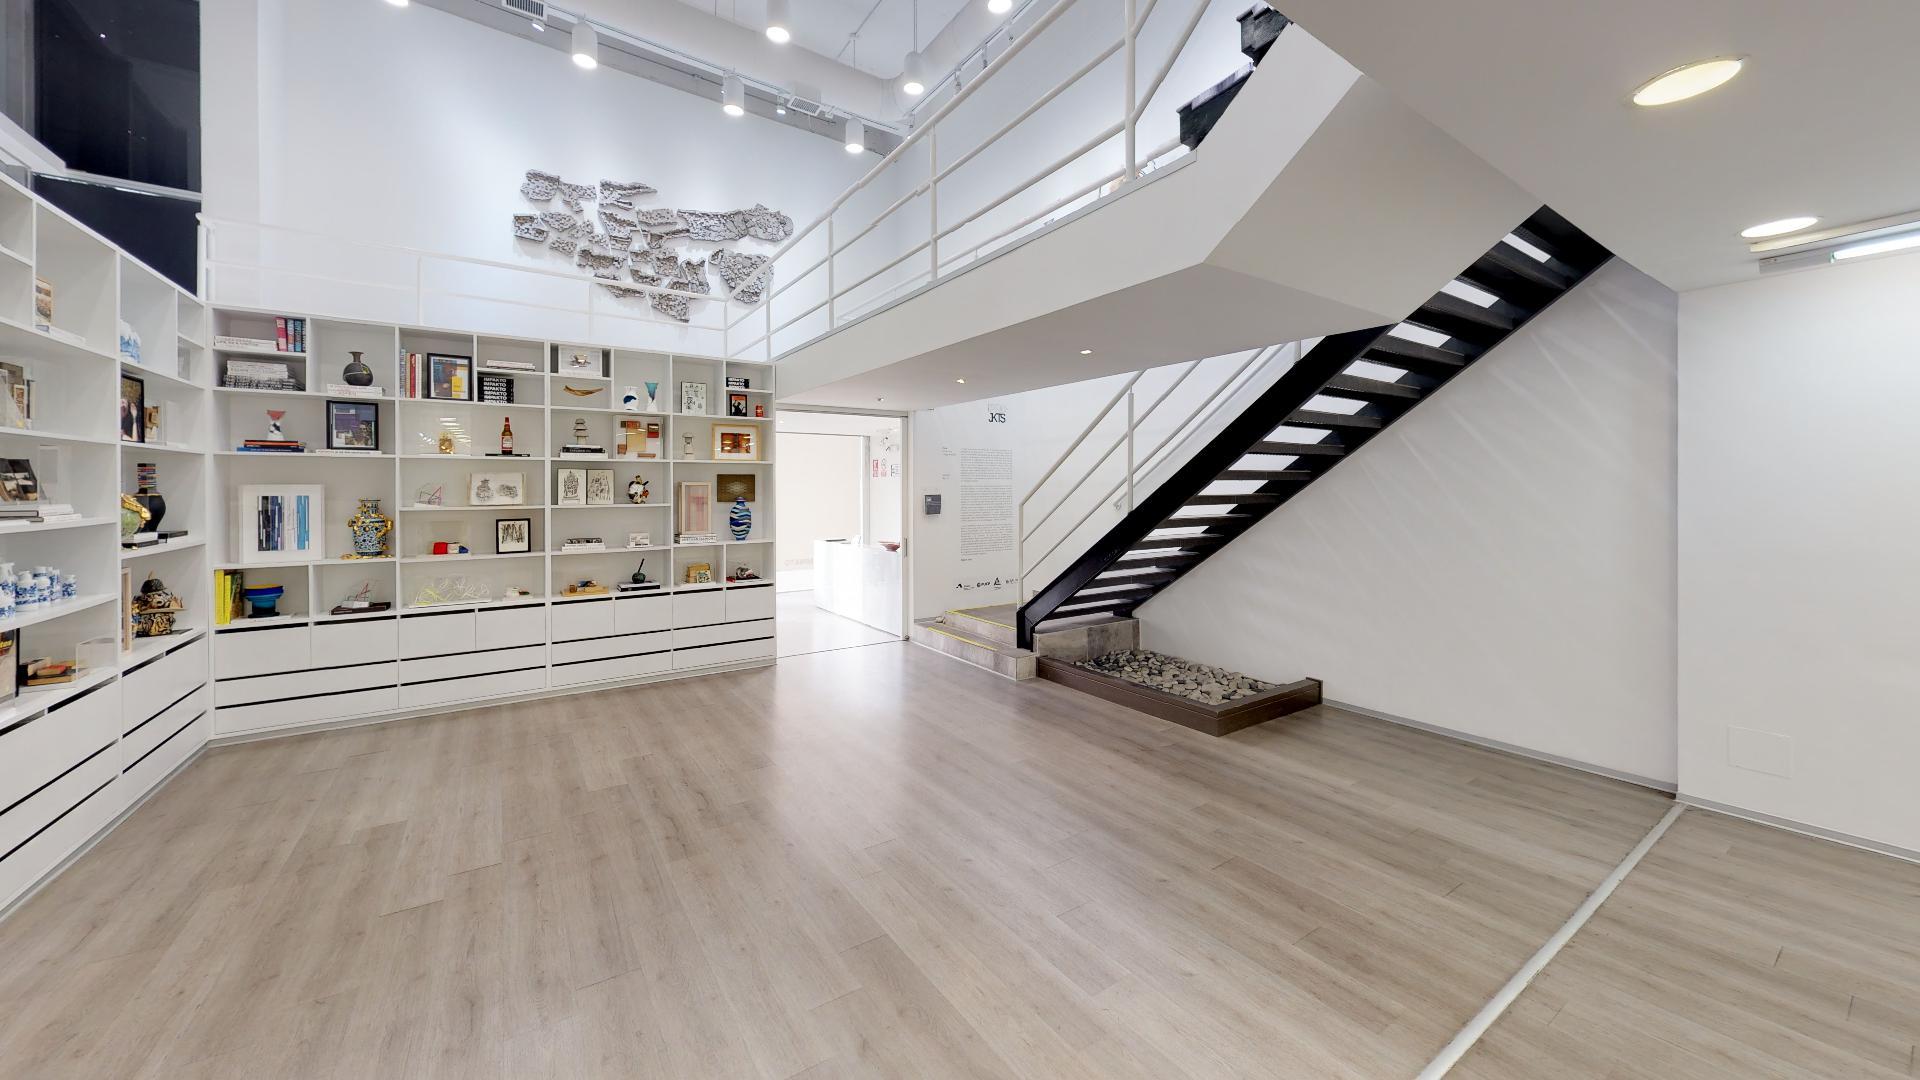 Sala de exposiciones de la galería Impakto en Miraflores, Lima, Perú